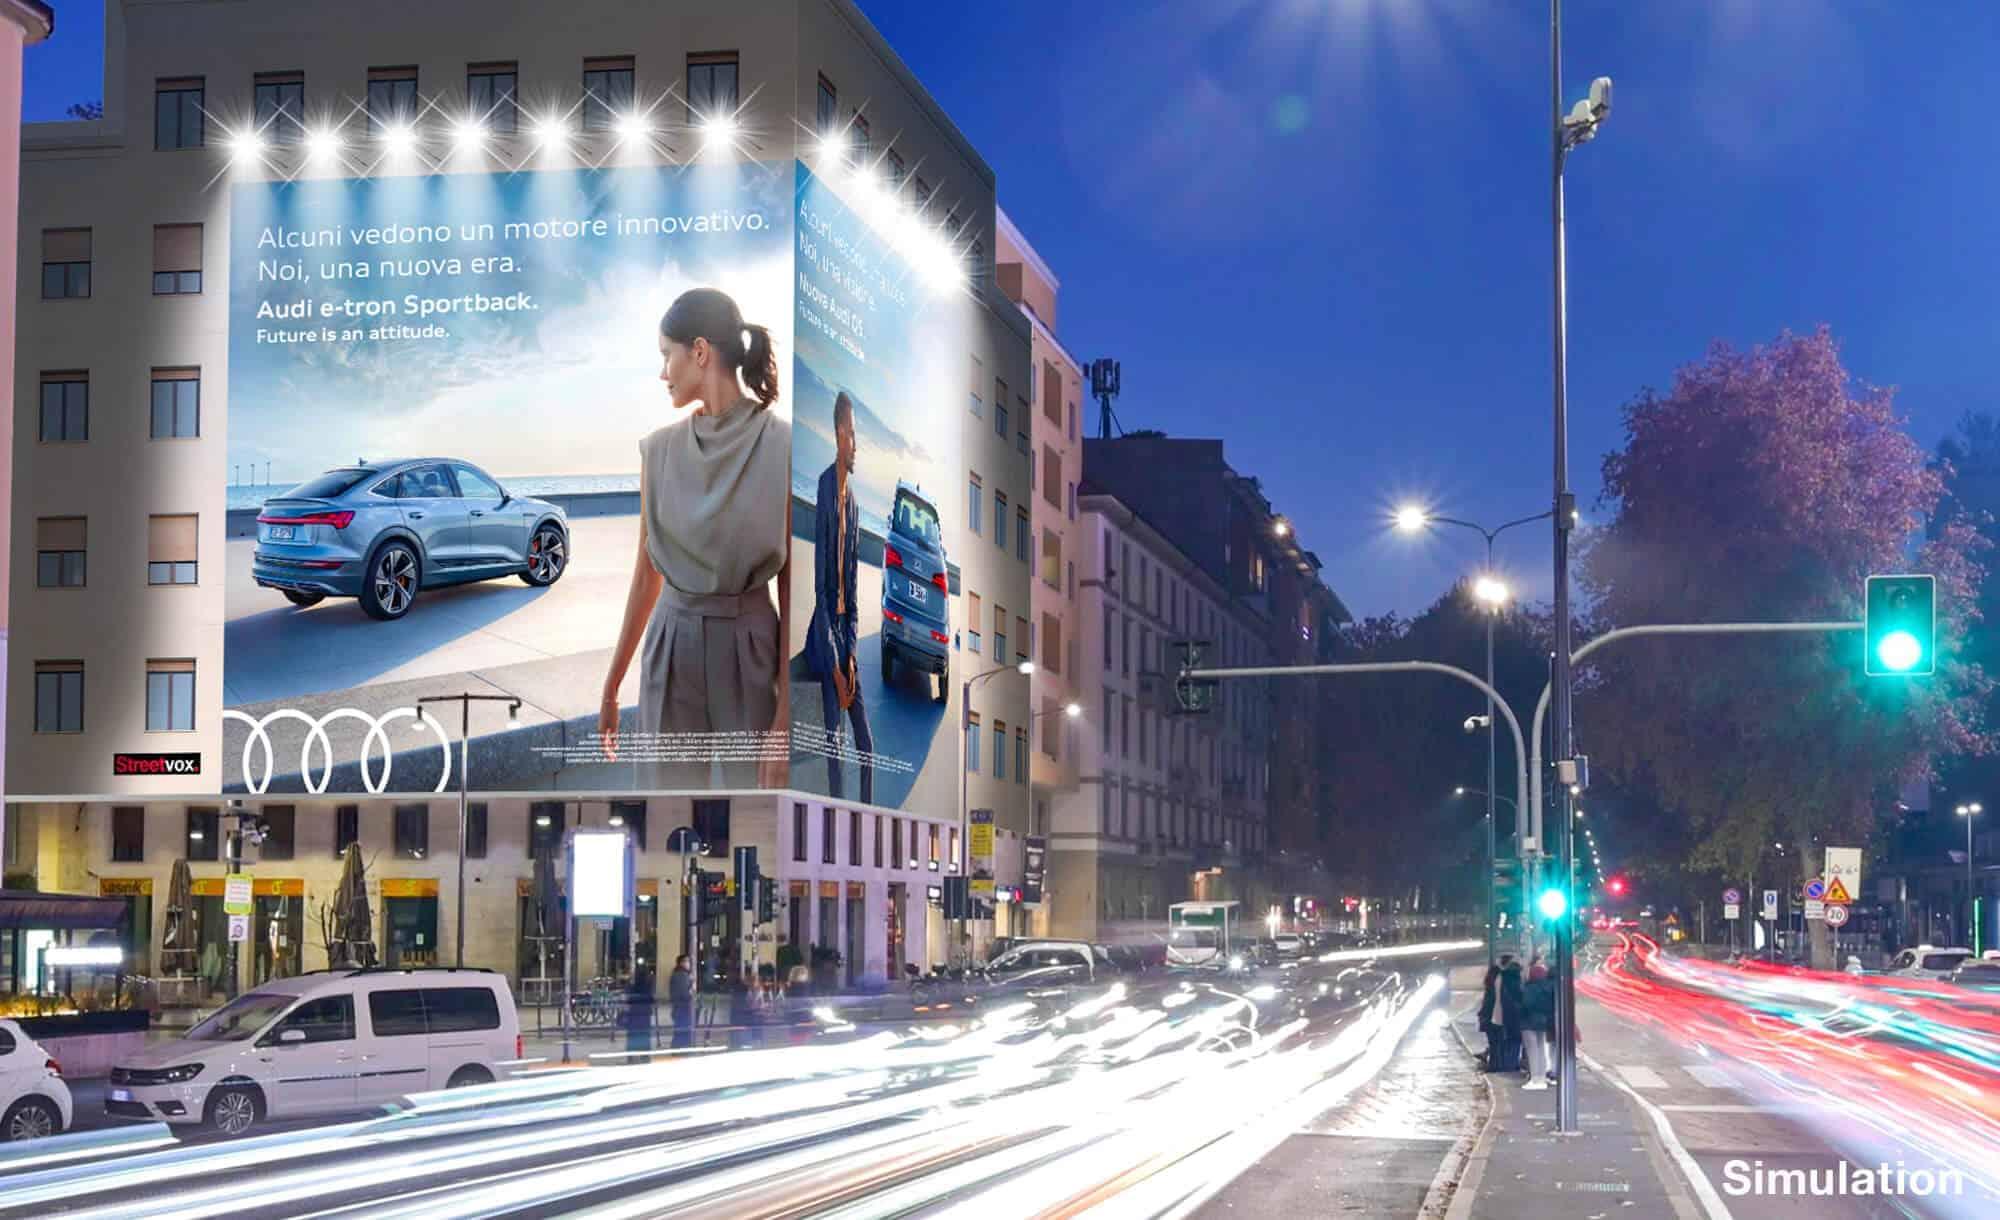 Maxi Affissione a Milano in Piazza XXV Aprile 1 con Audi (Automotive)